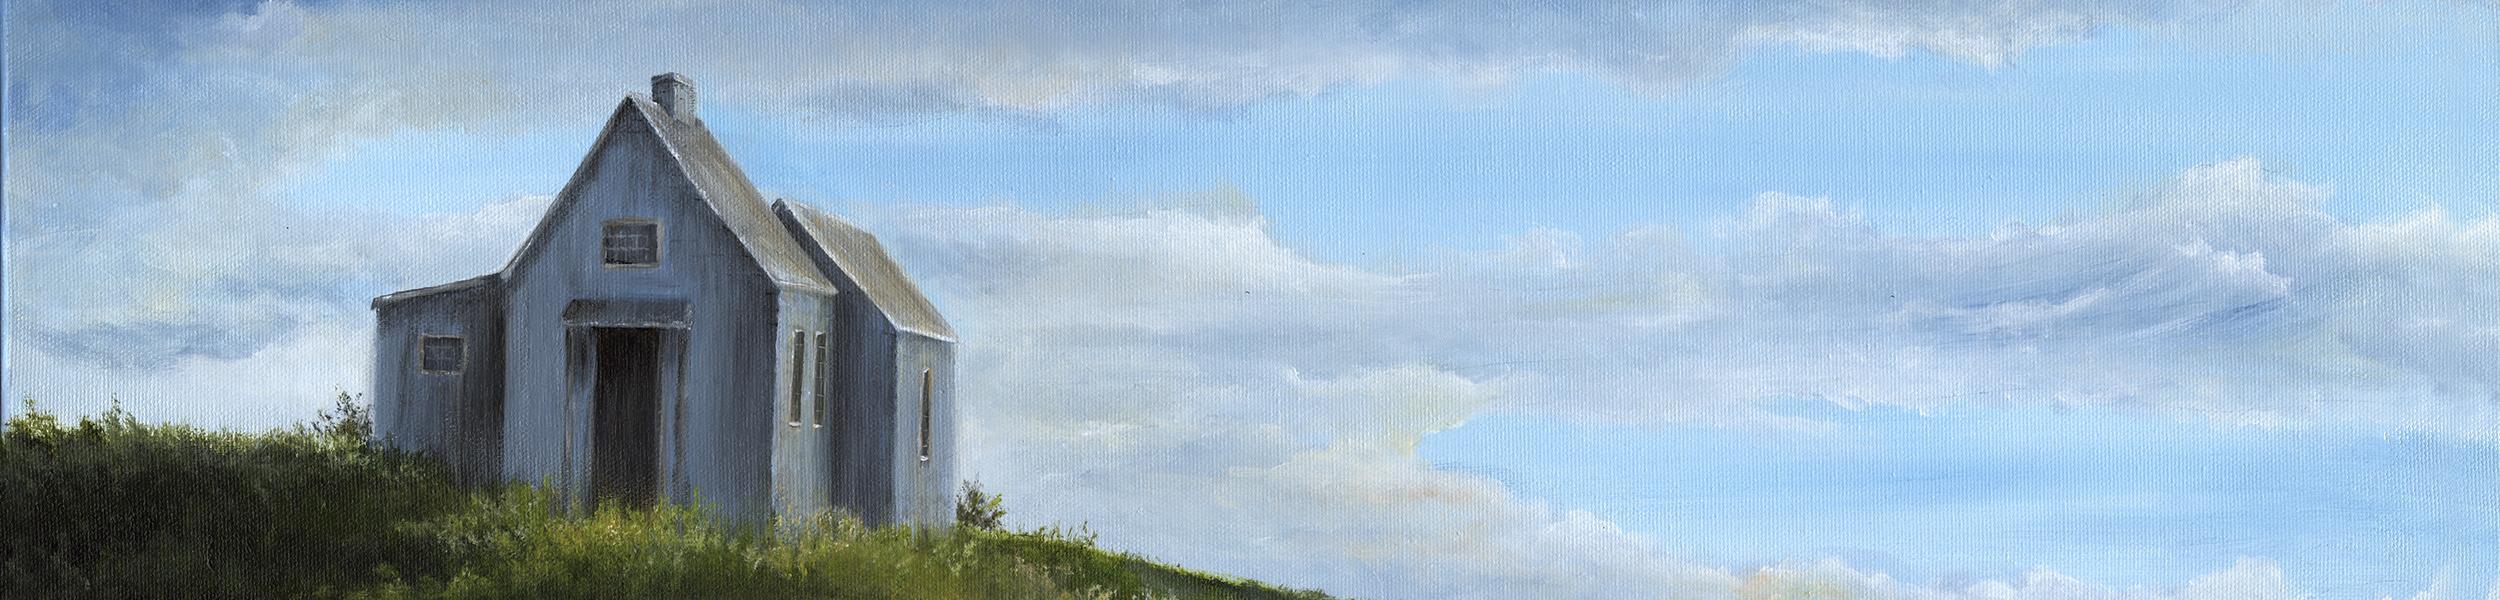 Perdu dans les nuages_2500x600